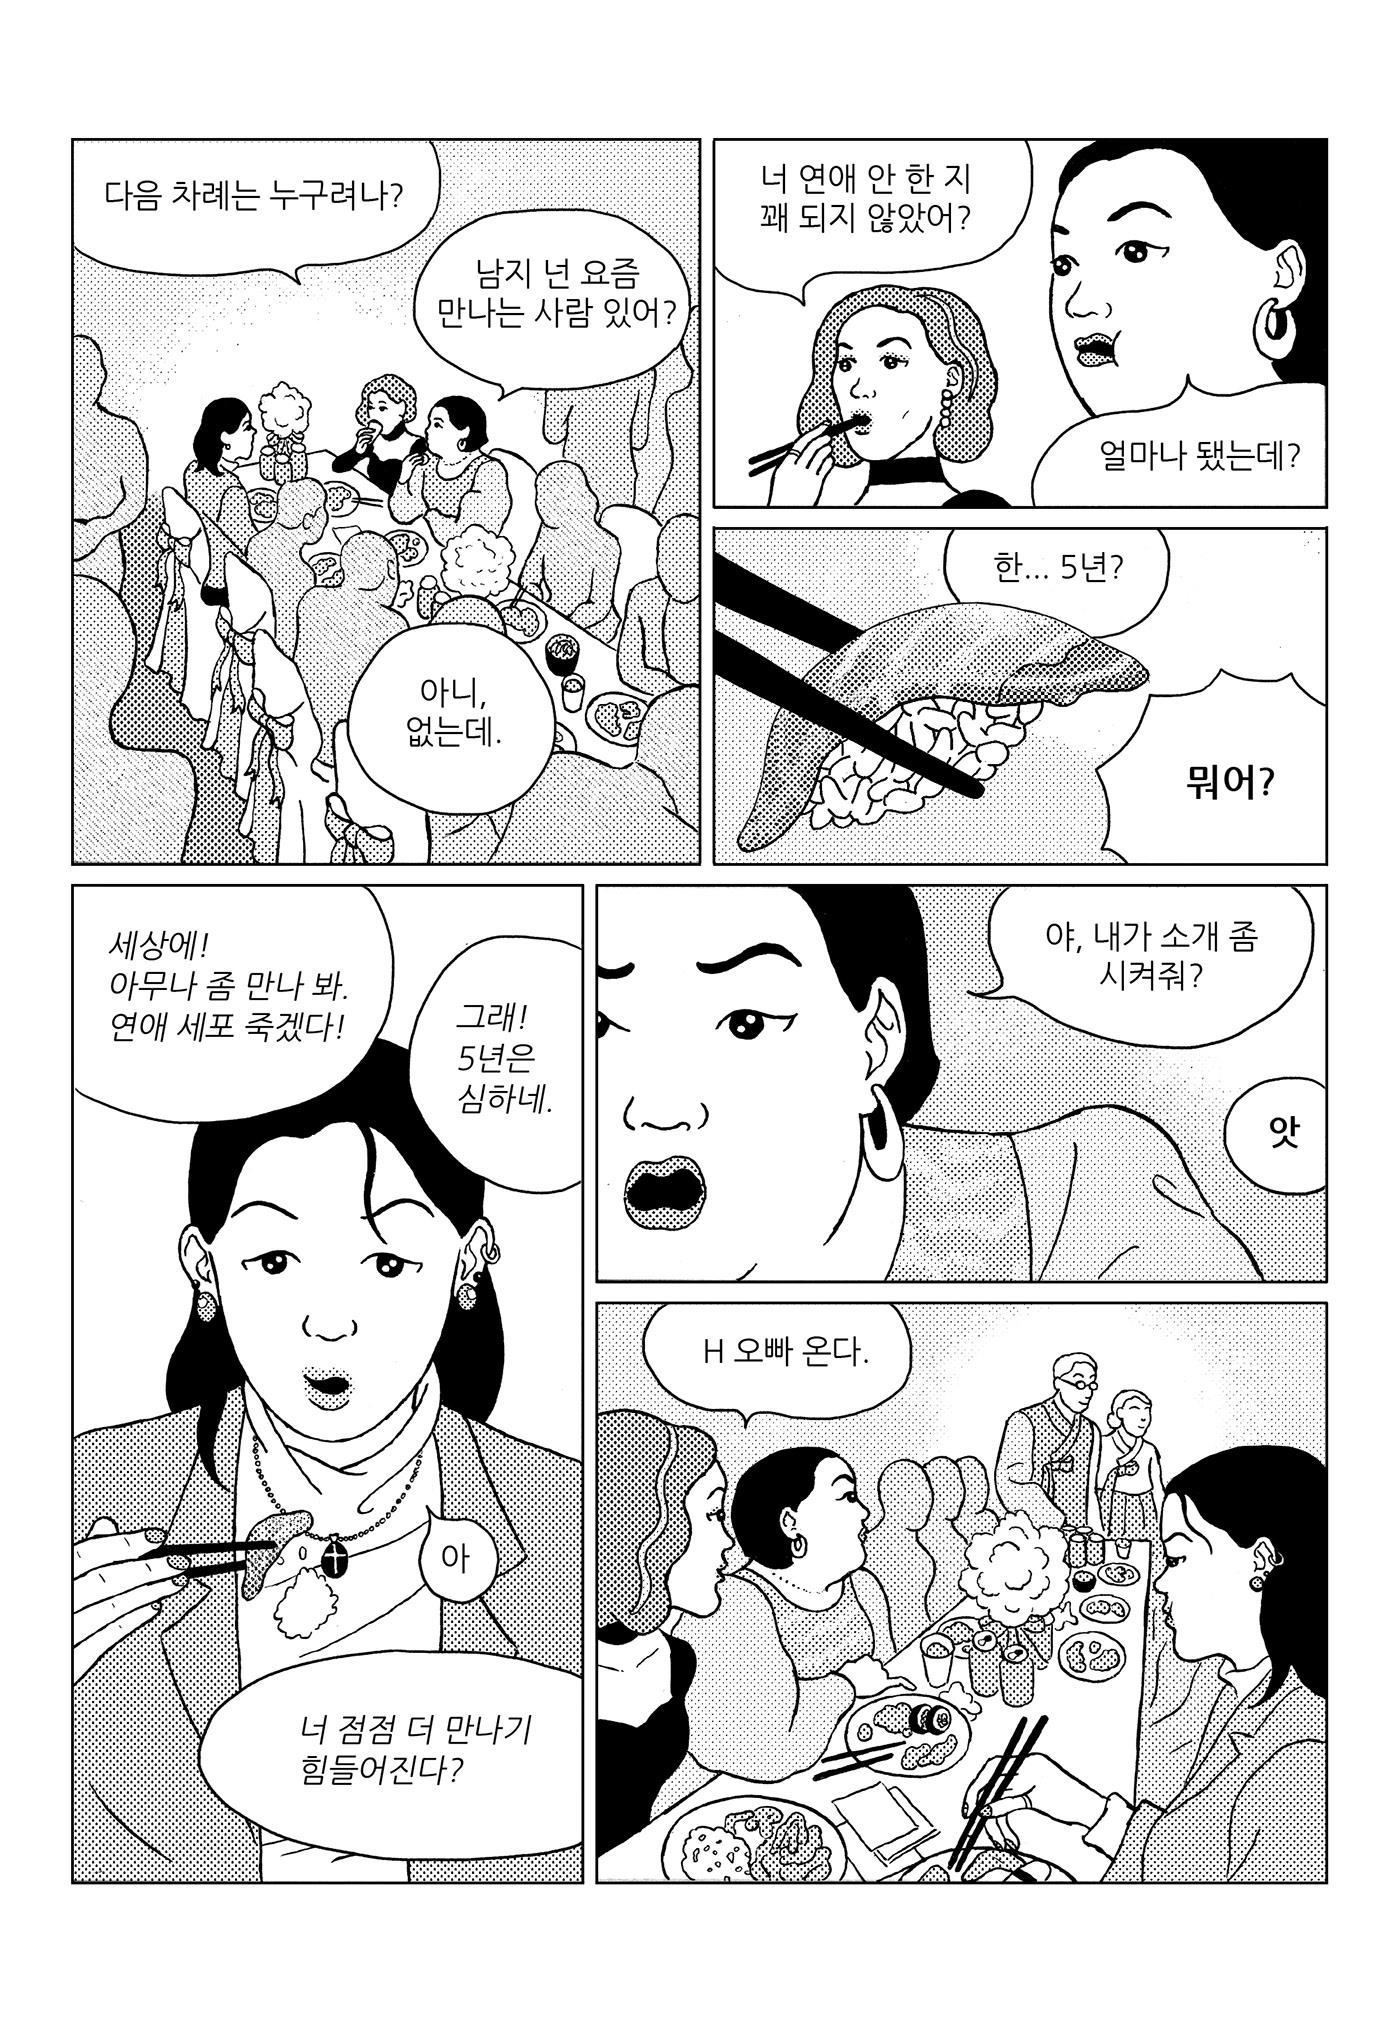 comic comicbooks Drawing  illust ILLUSTRATION  만화 만화책